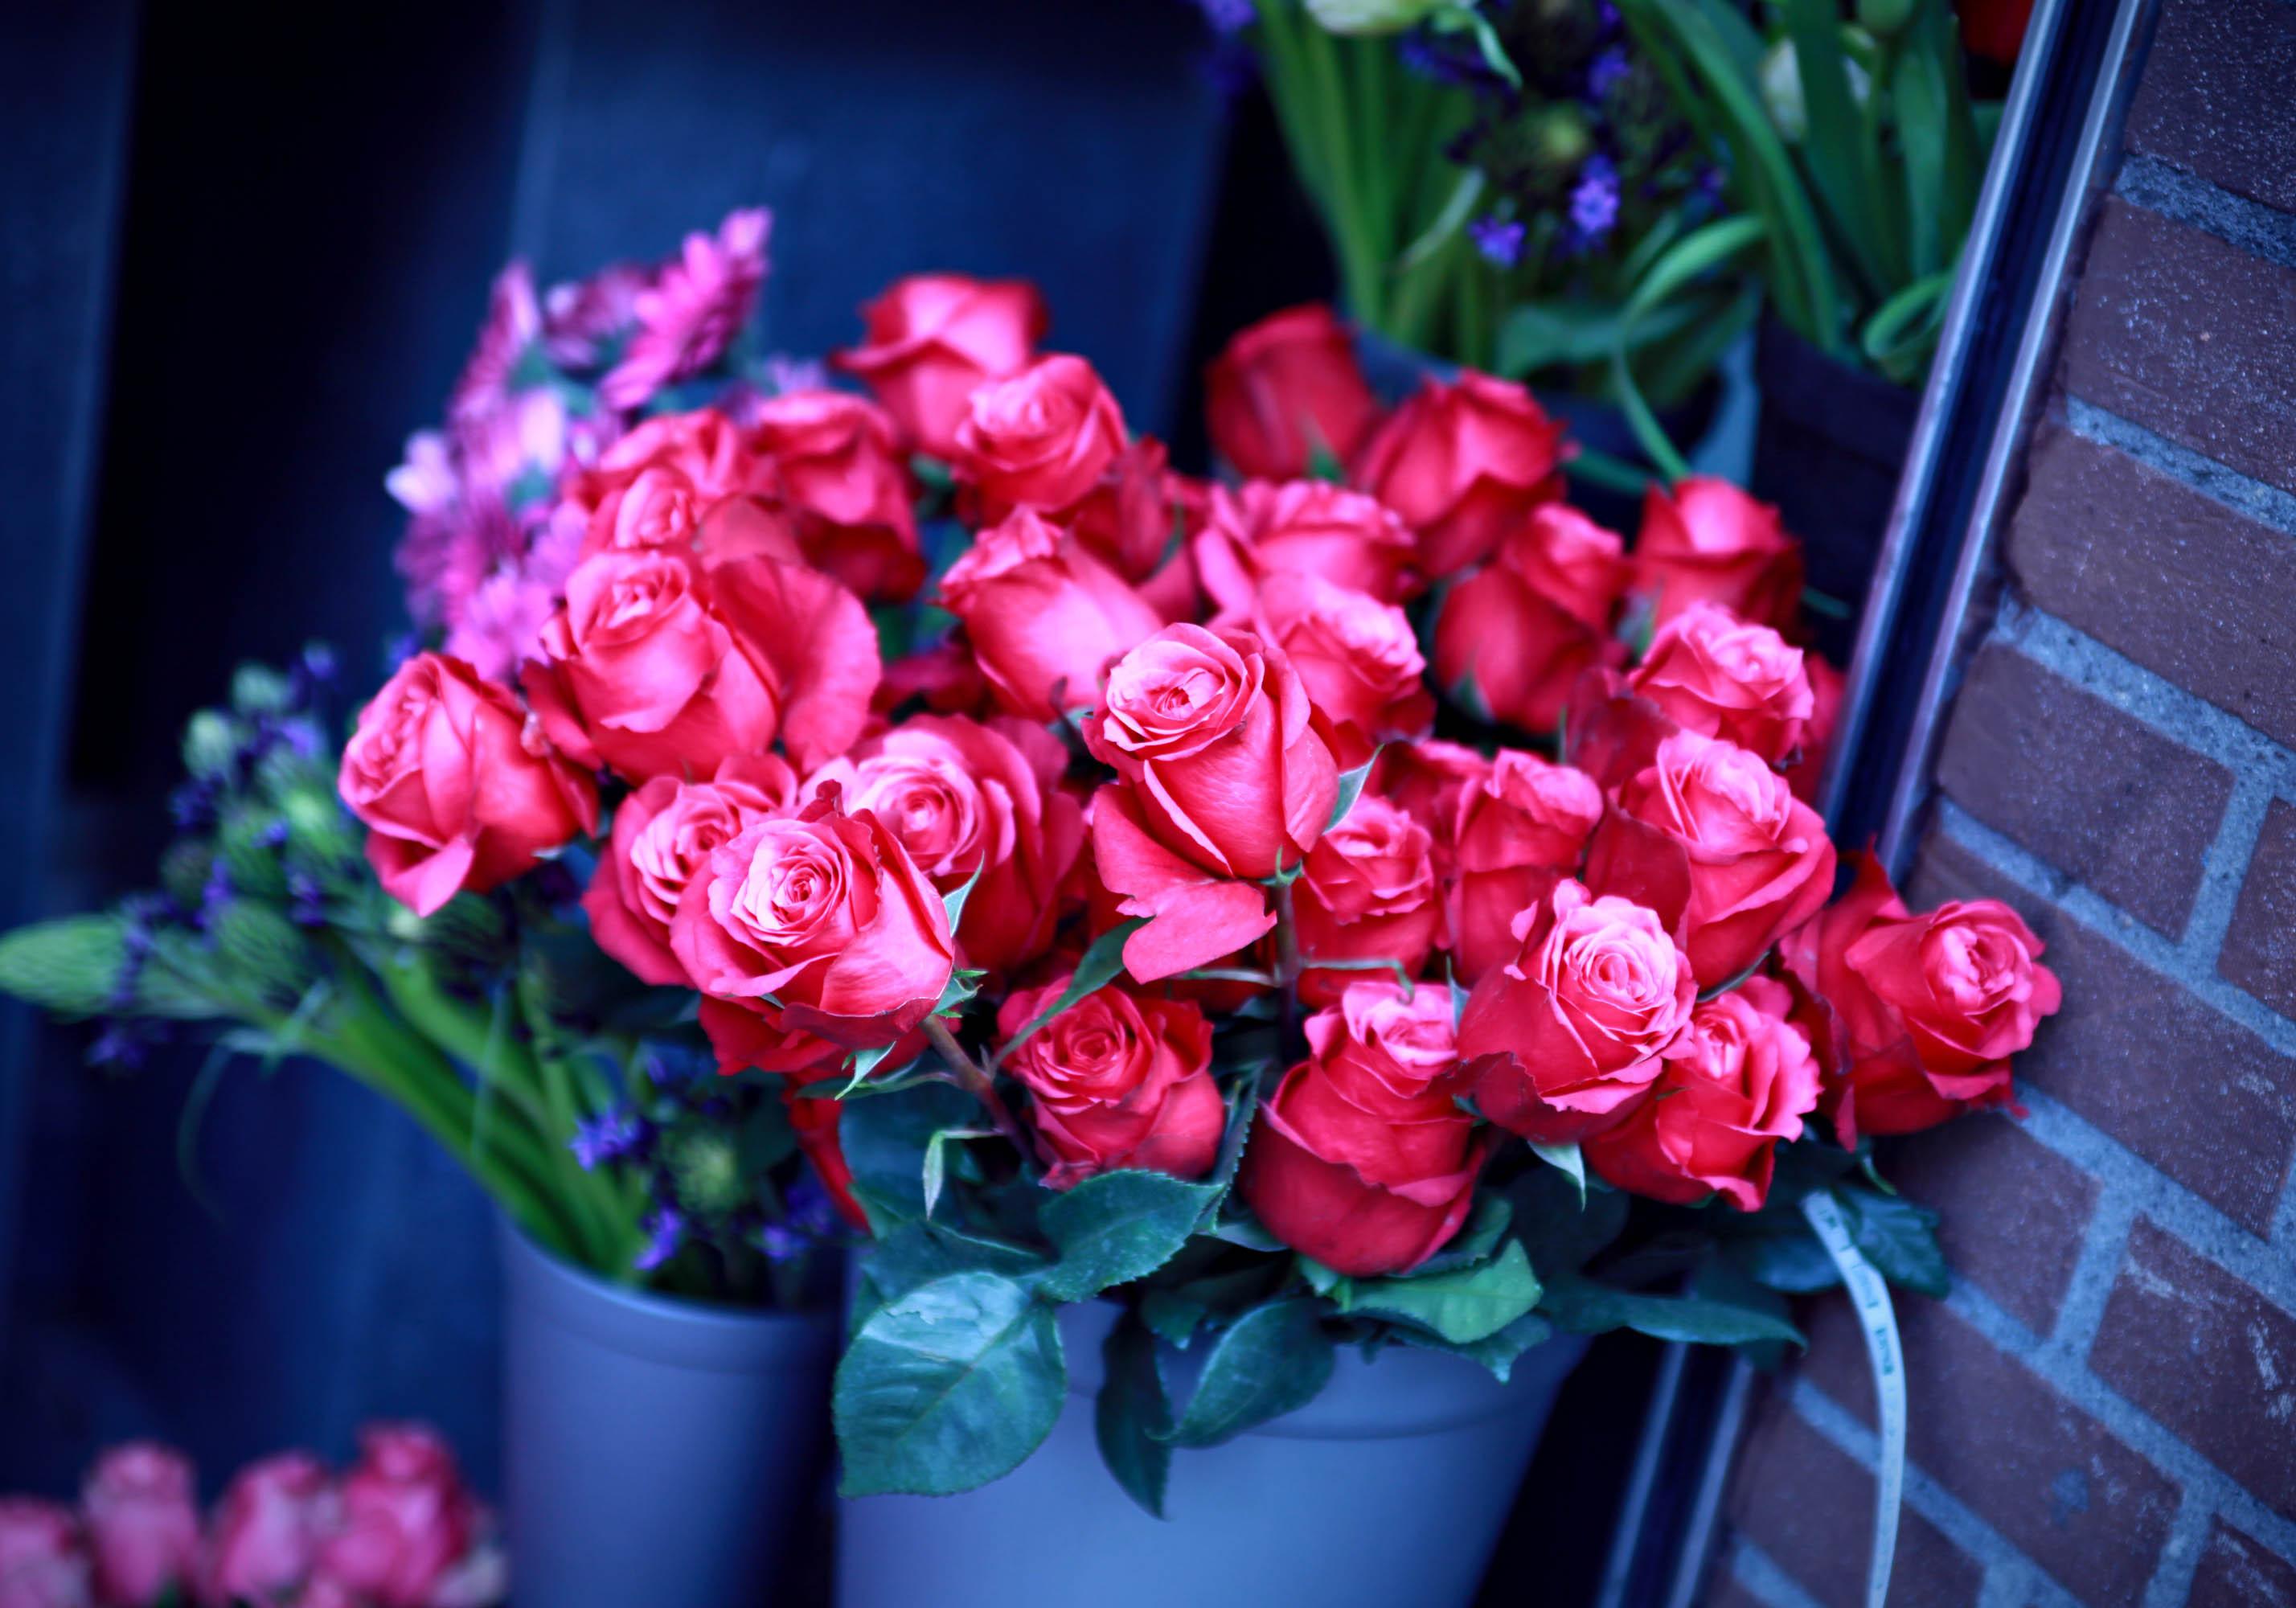 Обои цветы 1366x768 на рабочий стол скачать цветы обои 1366x768 ...